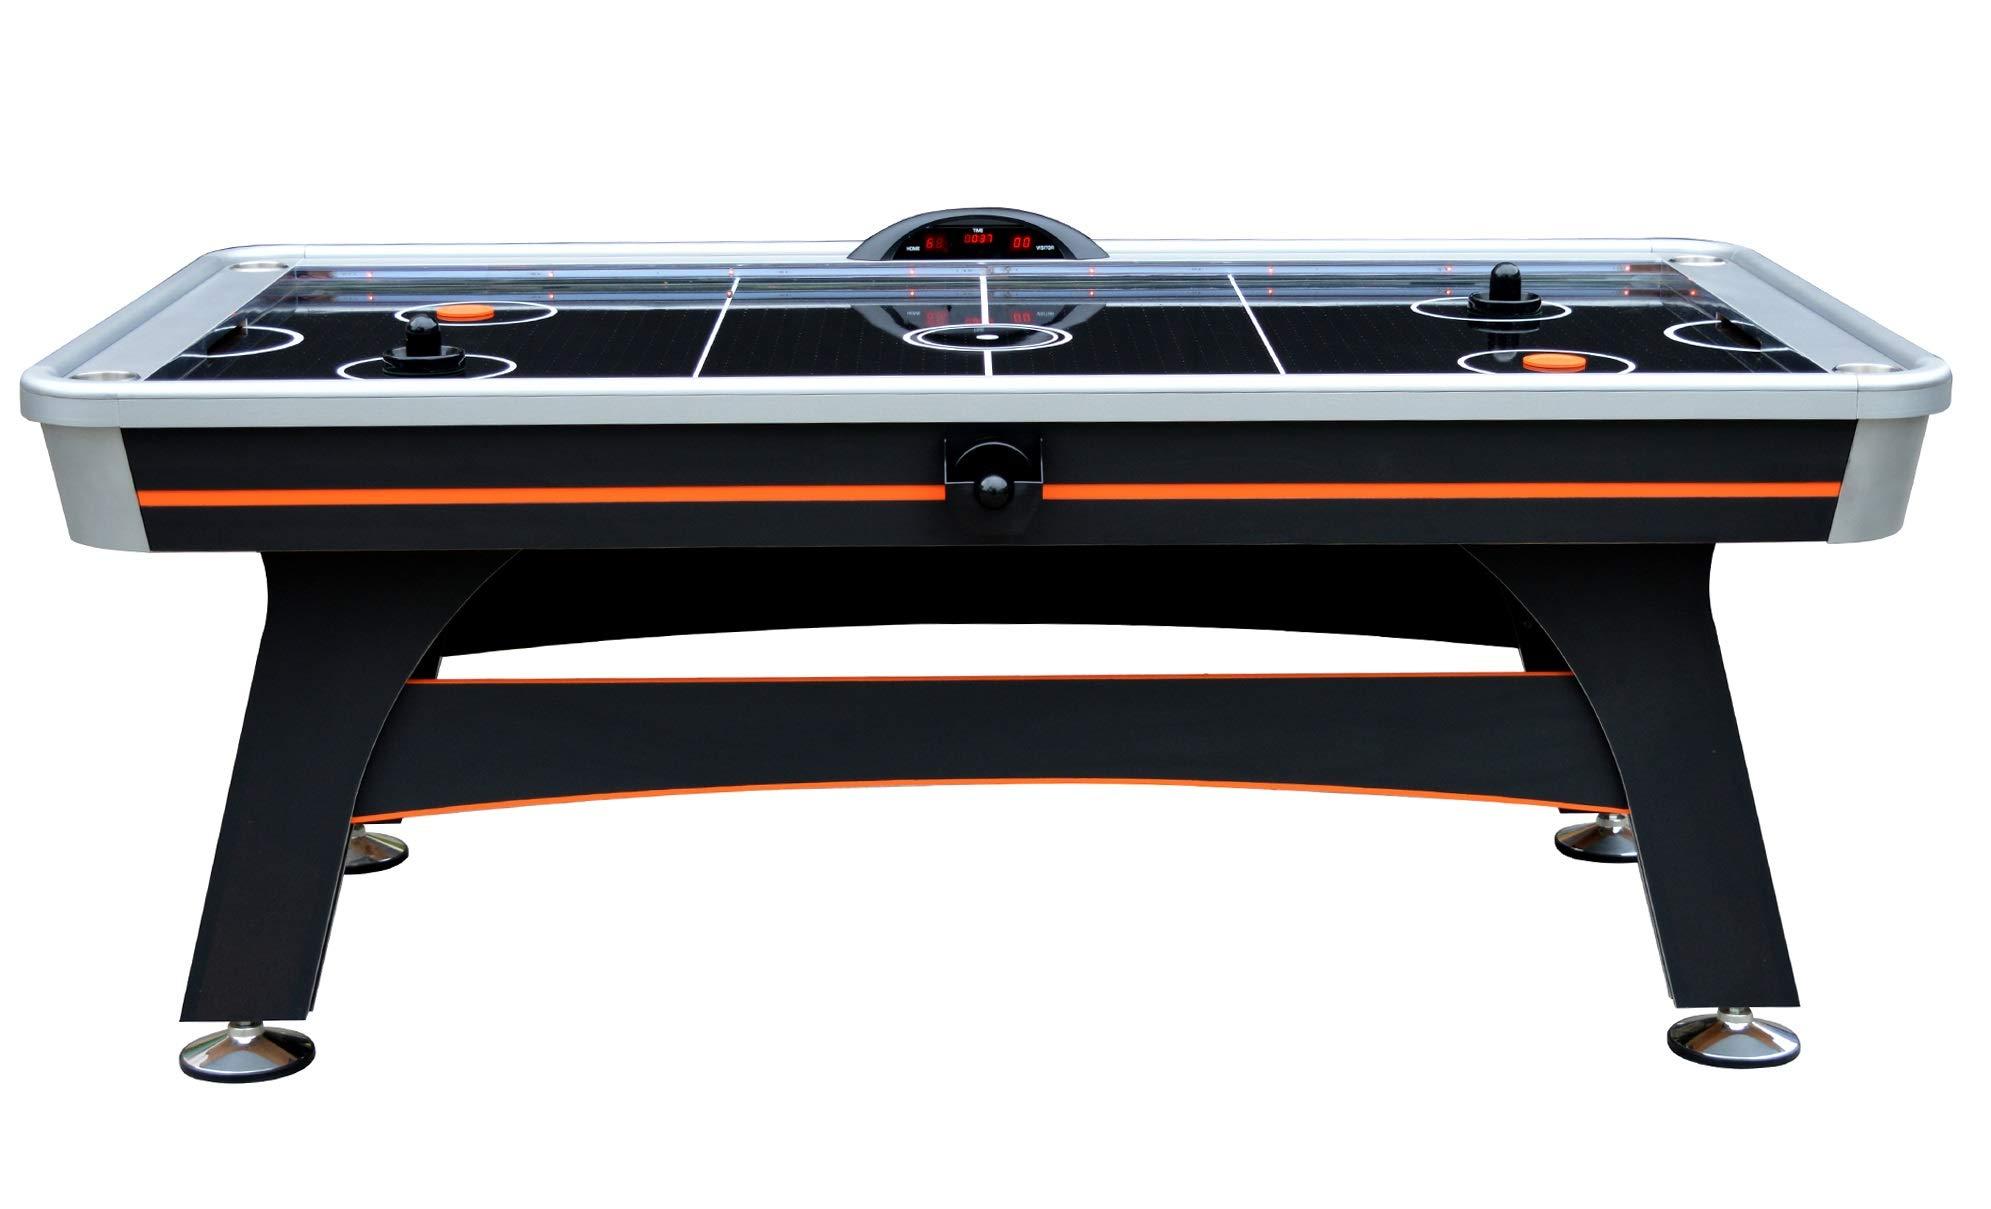 Hathaway Trailblazer 7' AIR Hockey Table, Black/Orange by Hathaway